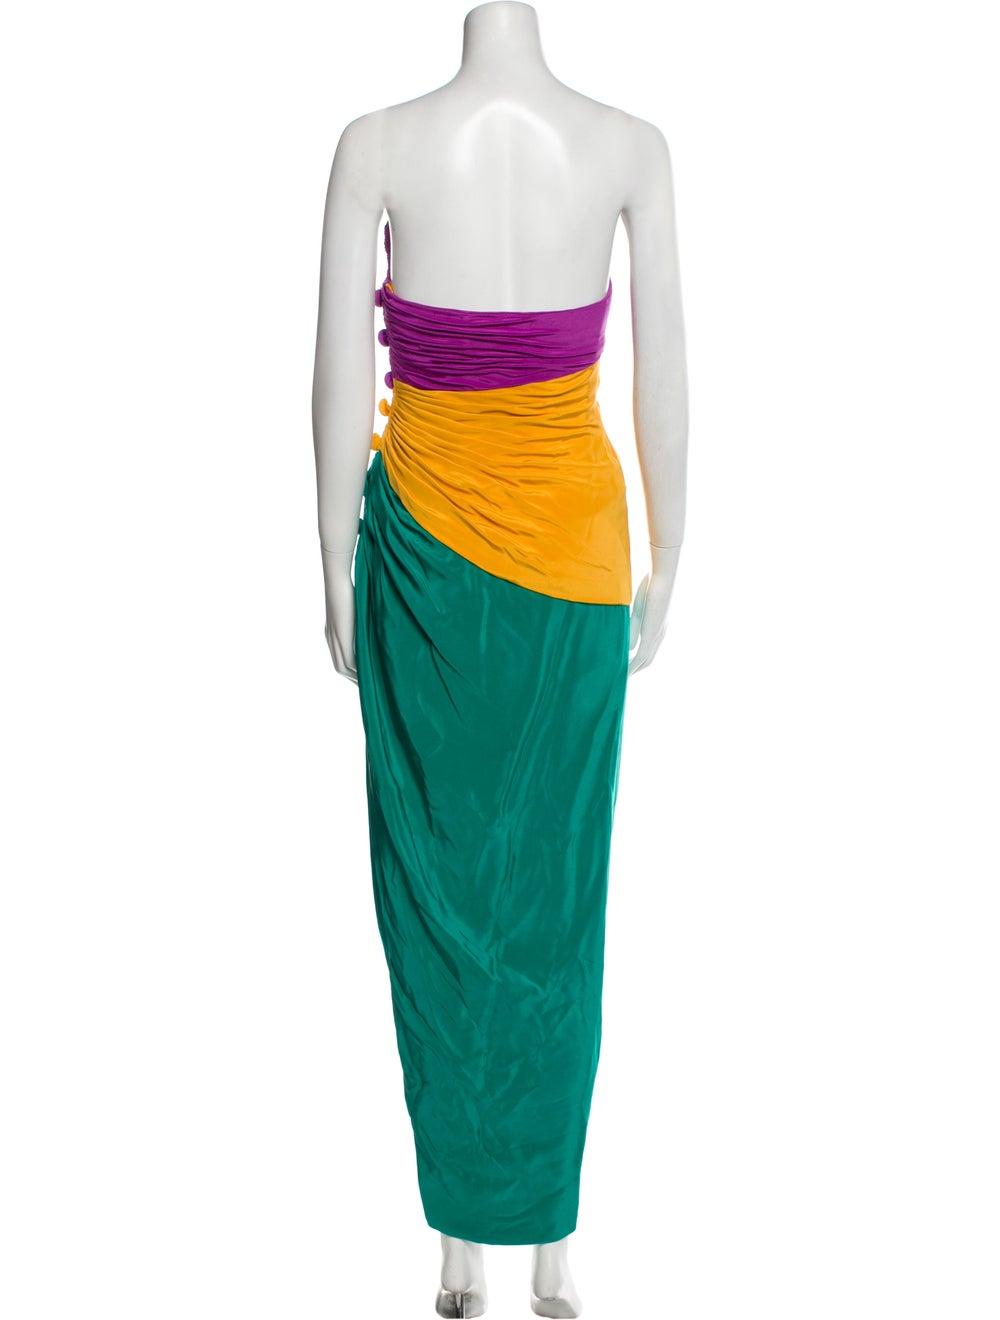 Arnold Scaasi Vintage Long Dress Green - image 3